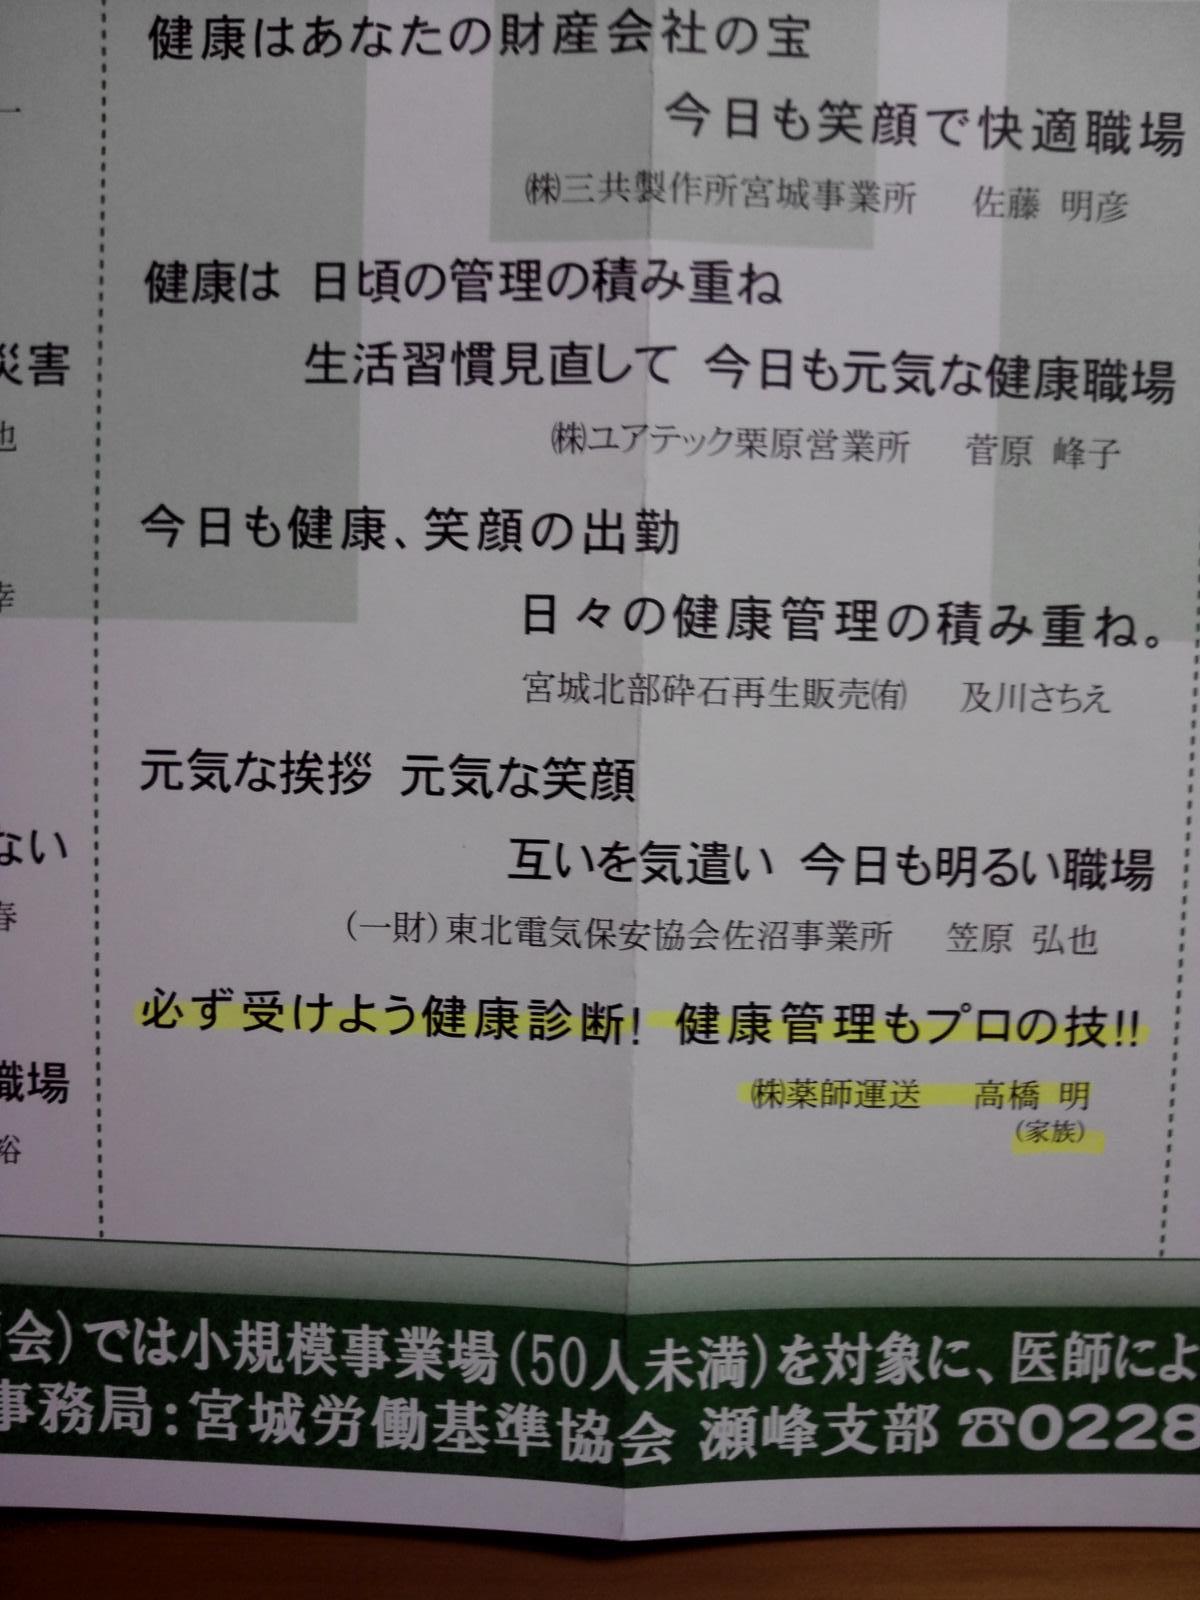 安全標語入賞_d0153164_11512948.jpg